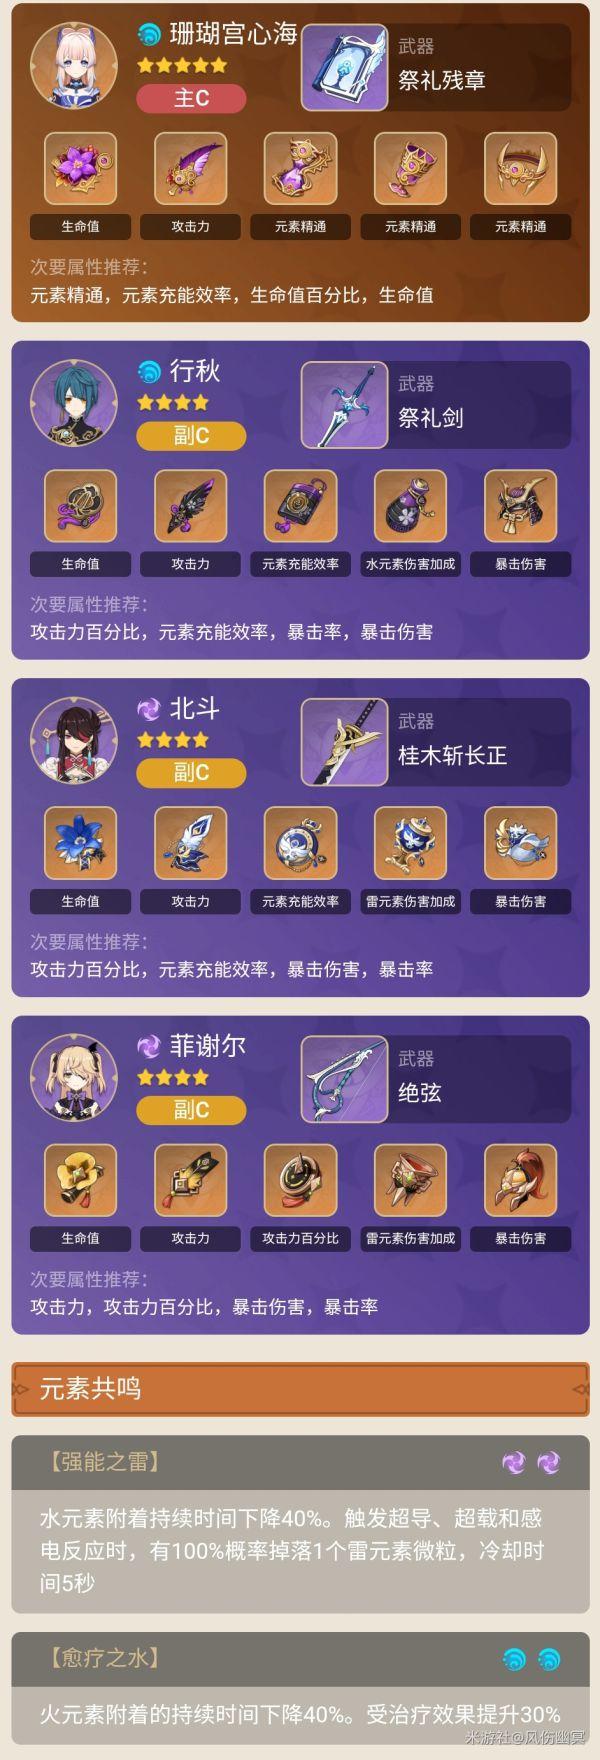 """《原神》精通流珊瑚宫心海阵容推荐 游戏攻略"""""""